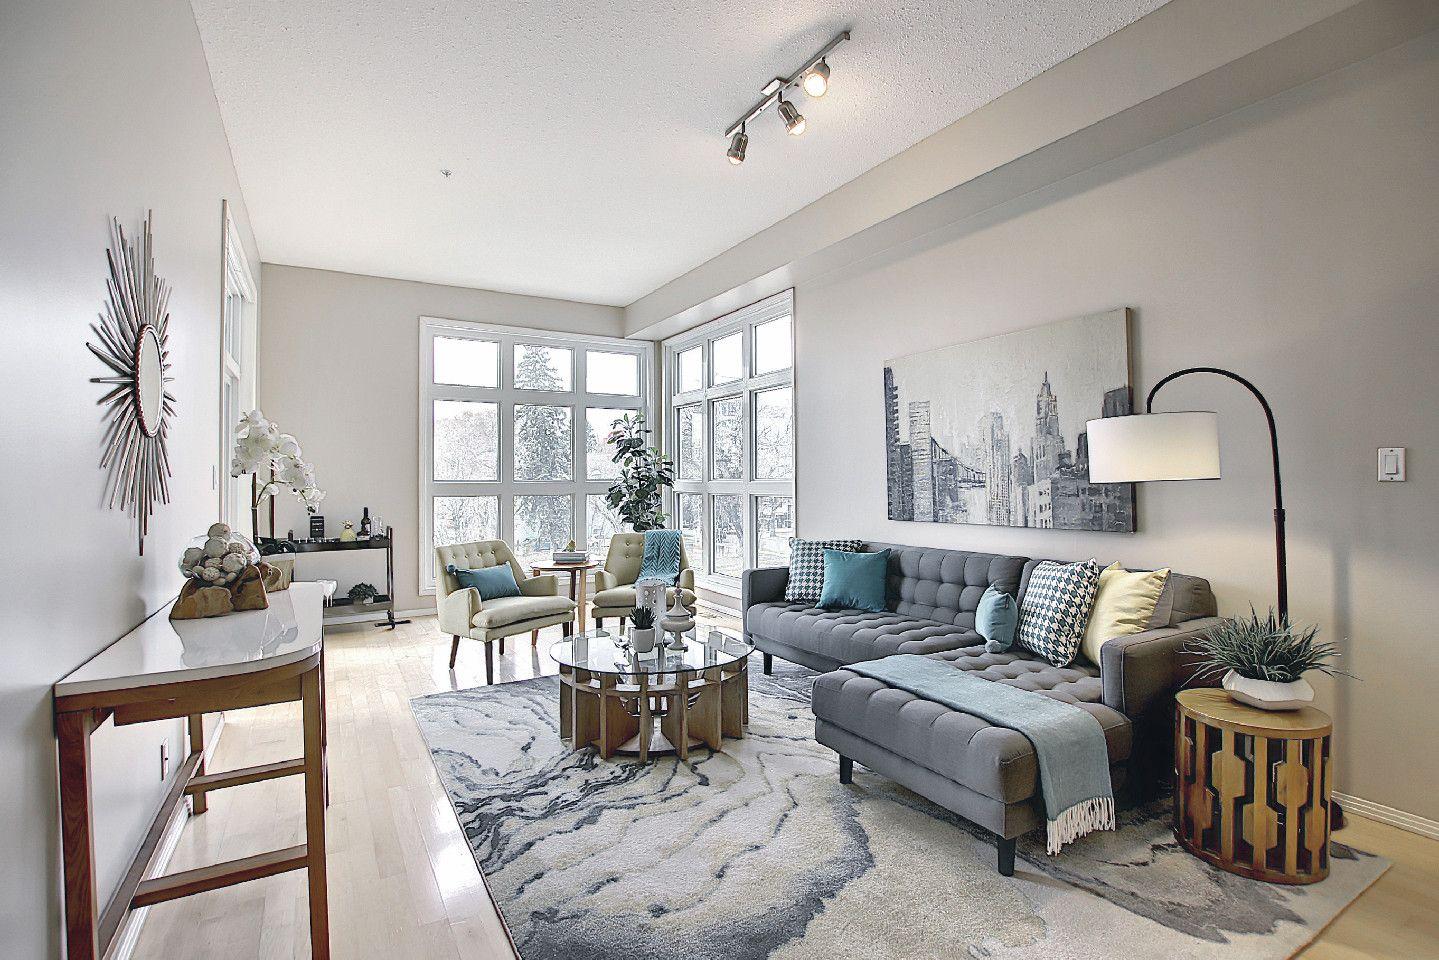 Main Photo: 349 10403 122 Street in Edmonton: Zone 07 Condo for sale : MLS®# E4242169